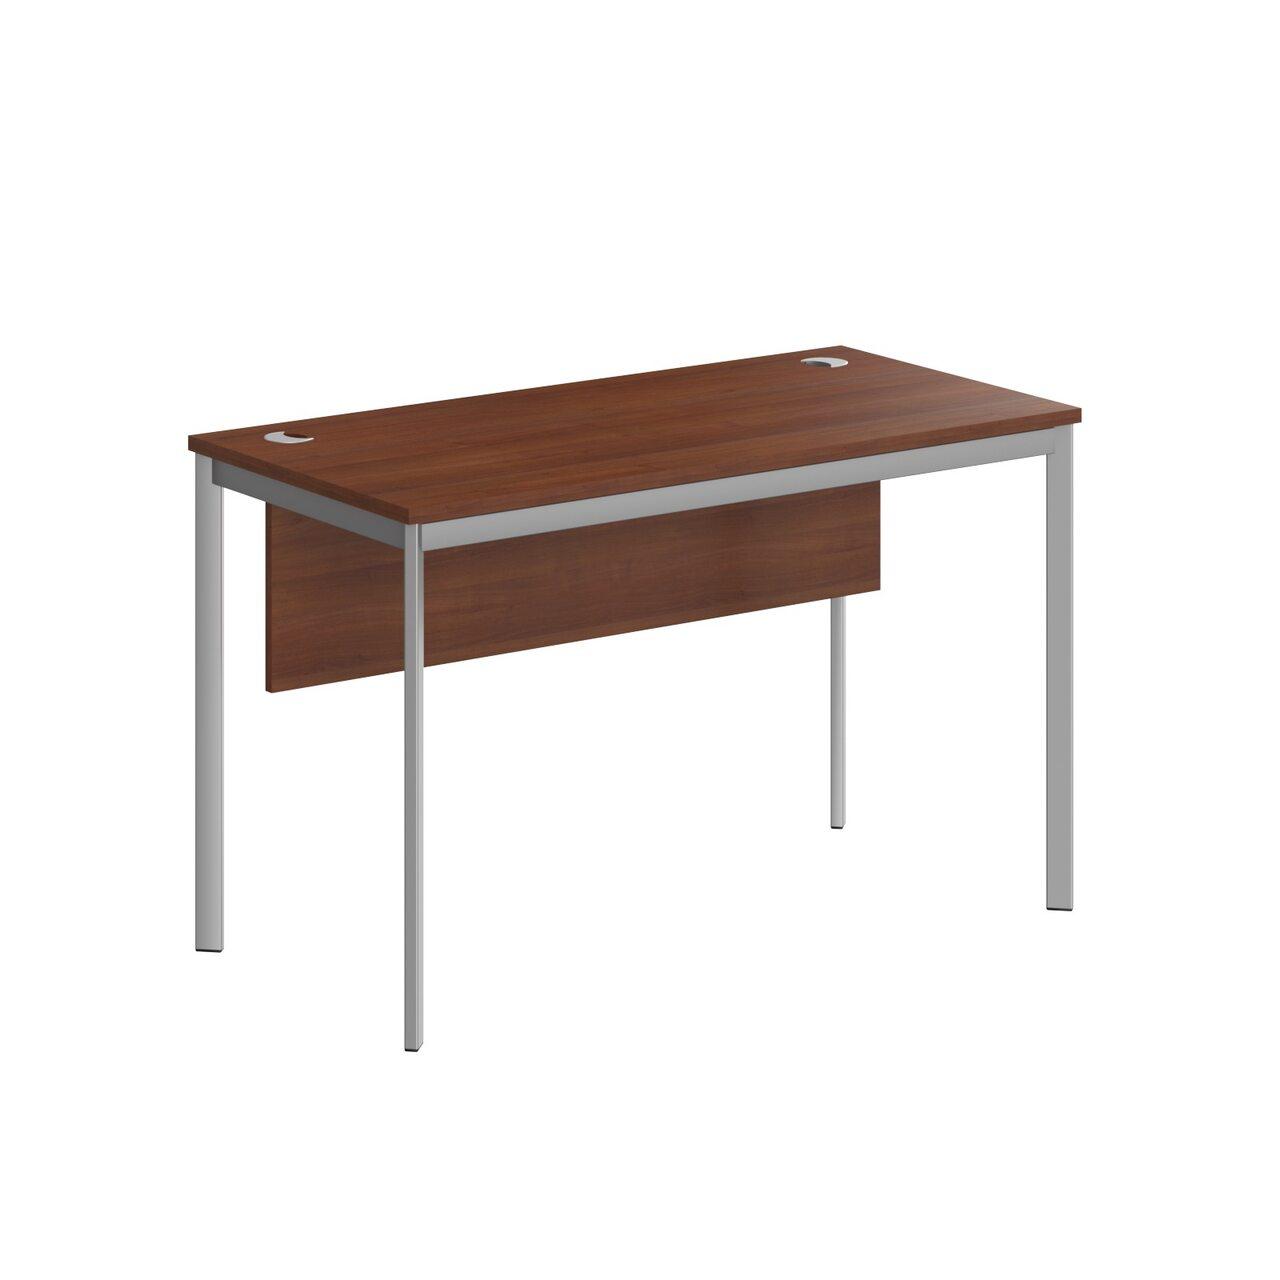 Стол прямой с фрональной панелью  IMAGO-S 120x60x76 - фото 7